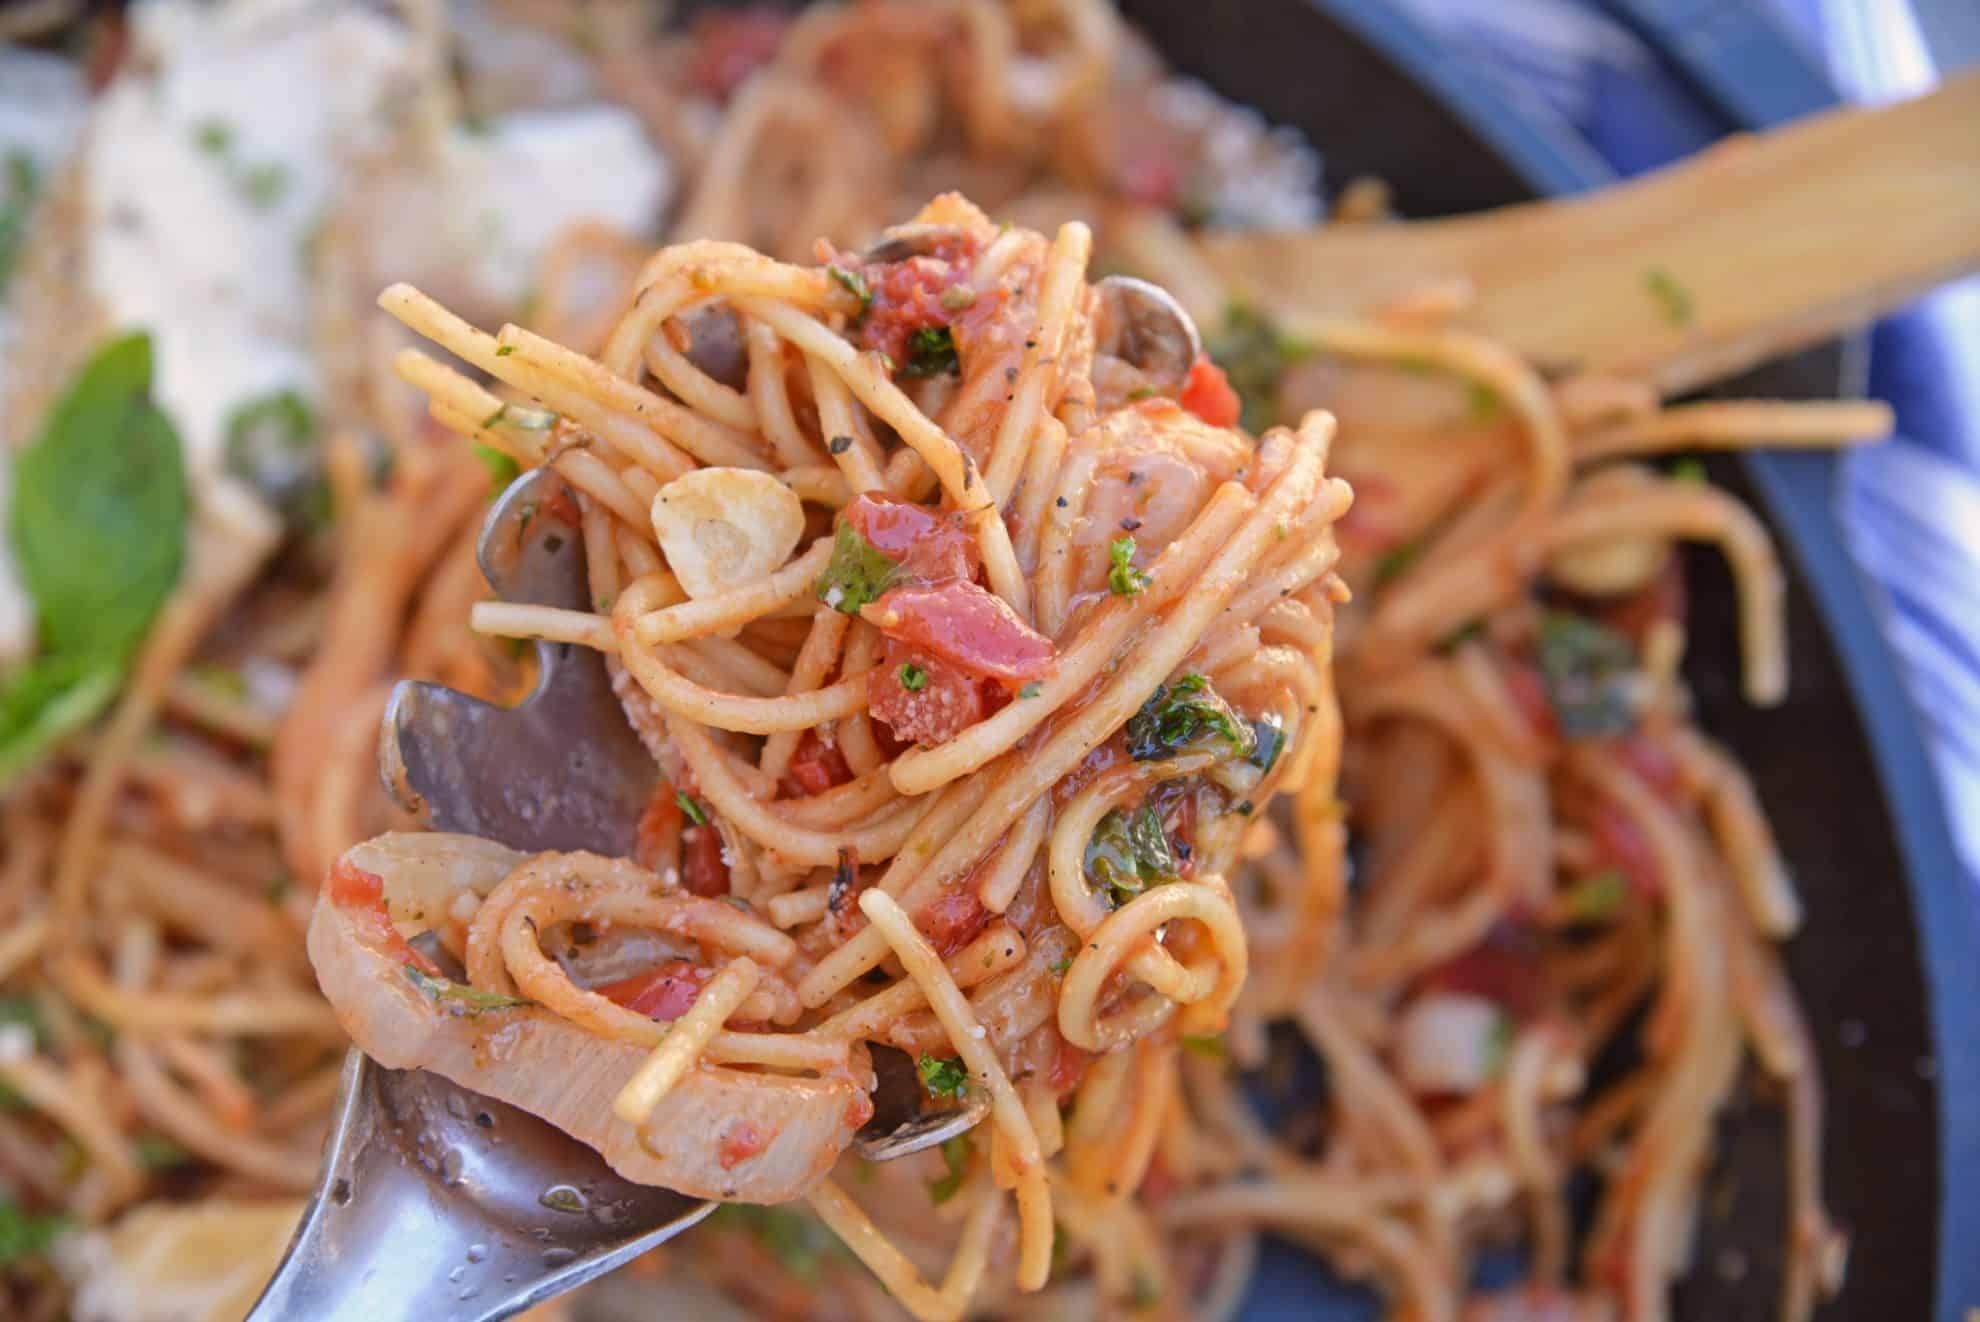 Spoonful of Chicken Bruschetta Pasta